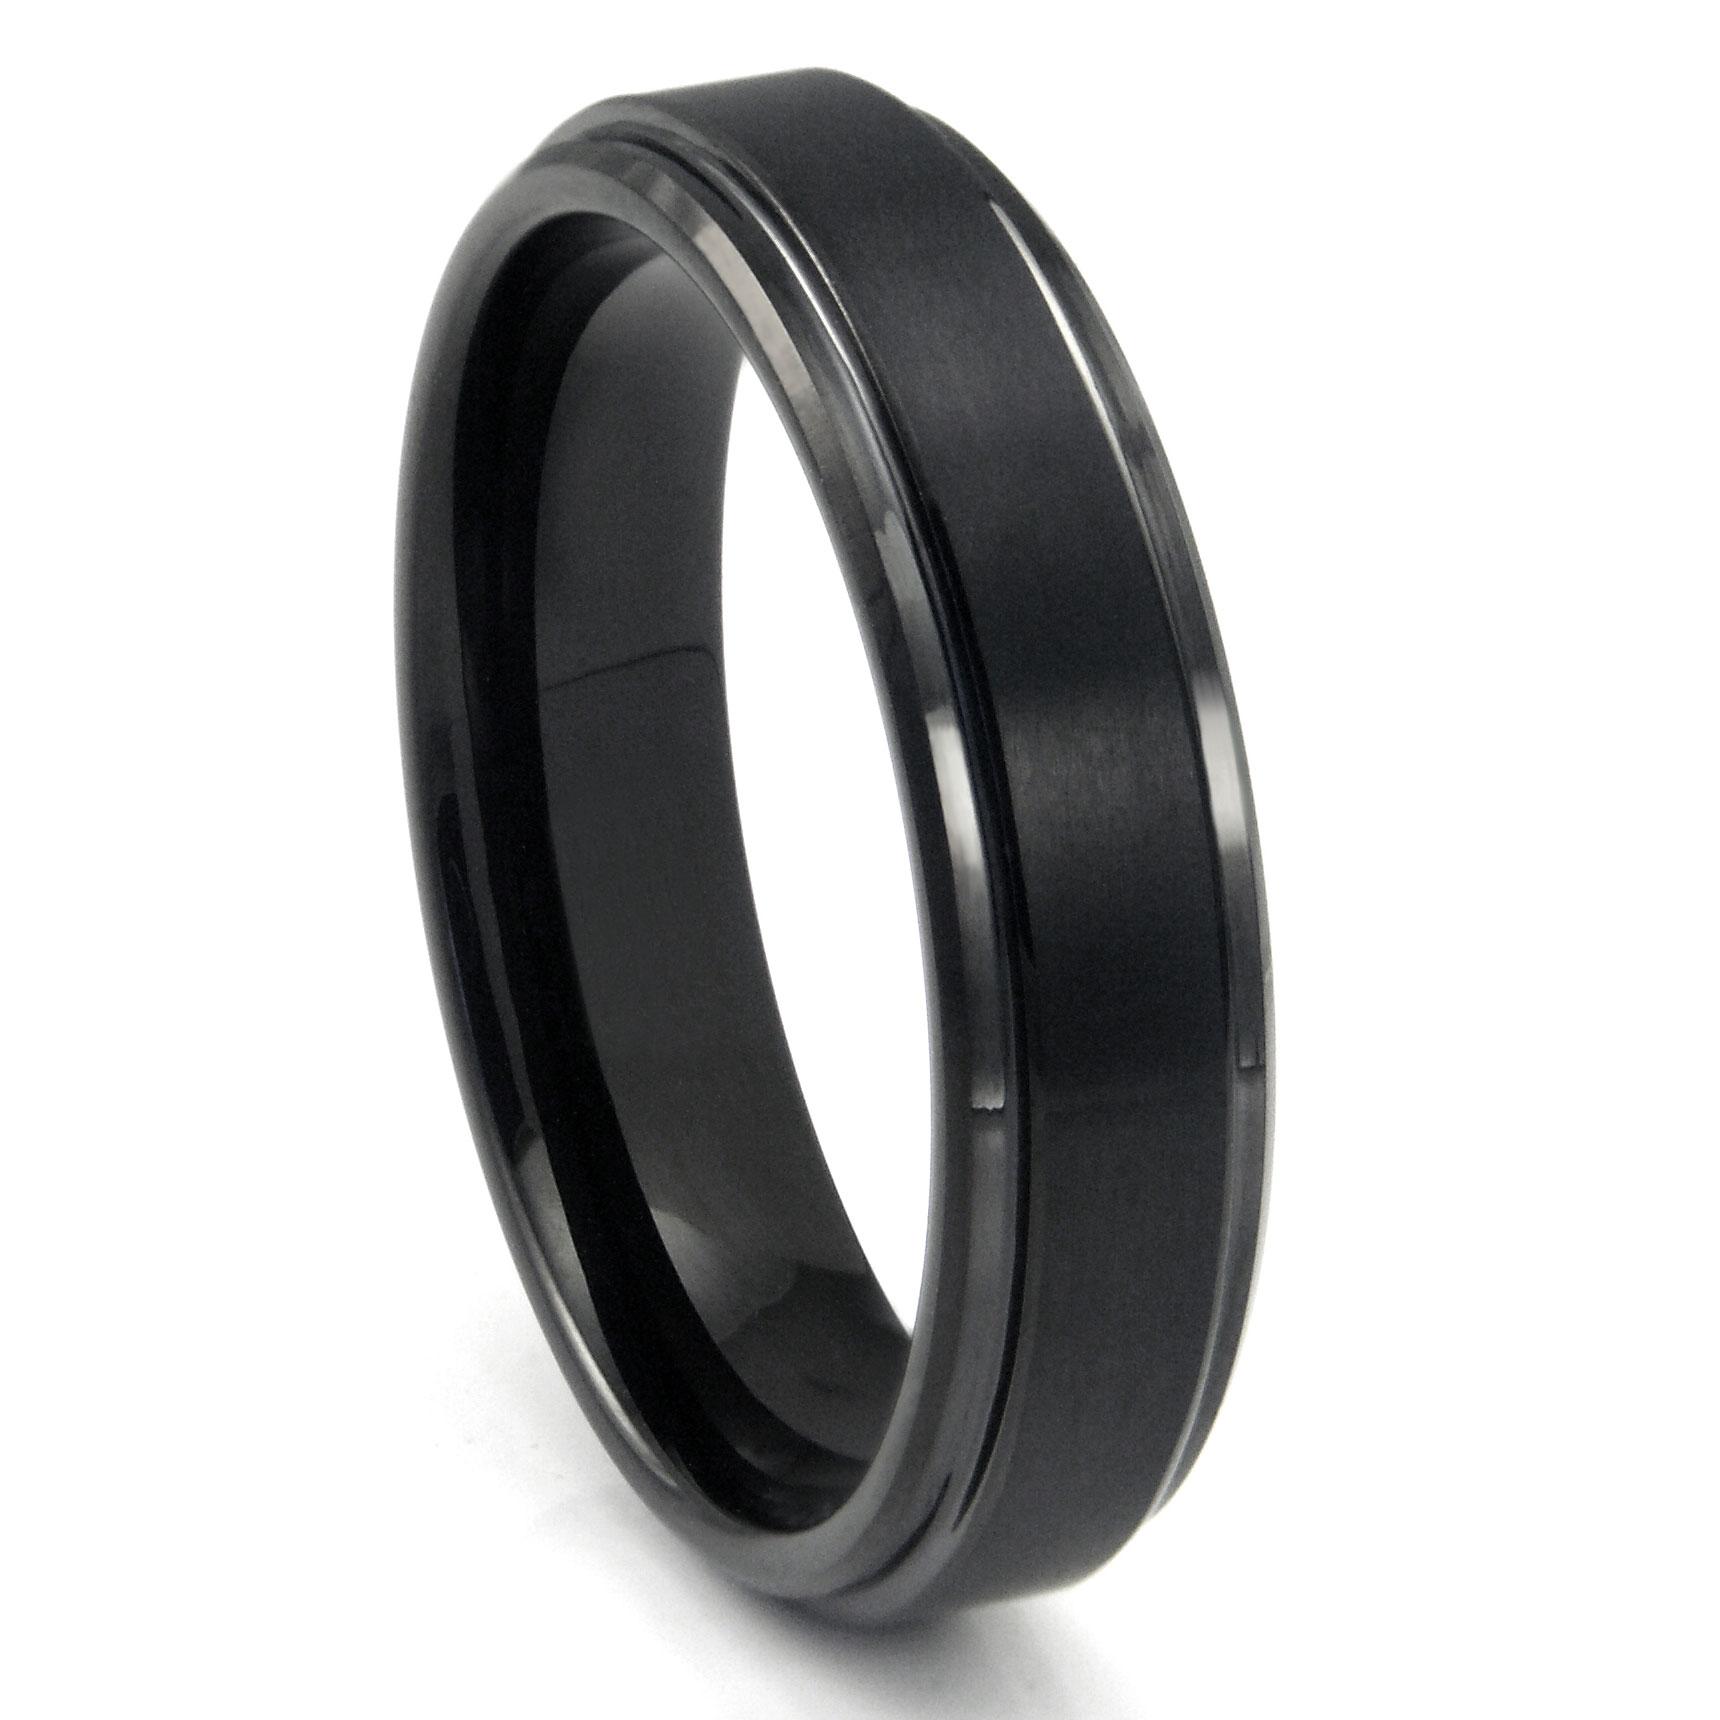 Mens Tungsten Carbide Rings 1 tungsten hammered wedding band Black Tungsten Carbide Wedding Band Ring w Raised Center